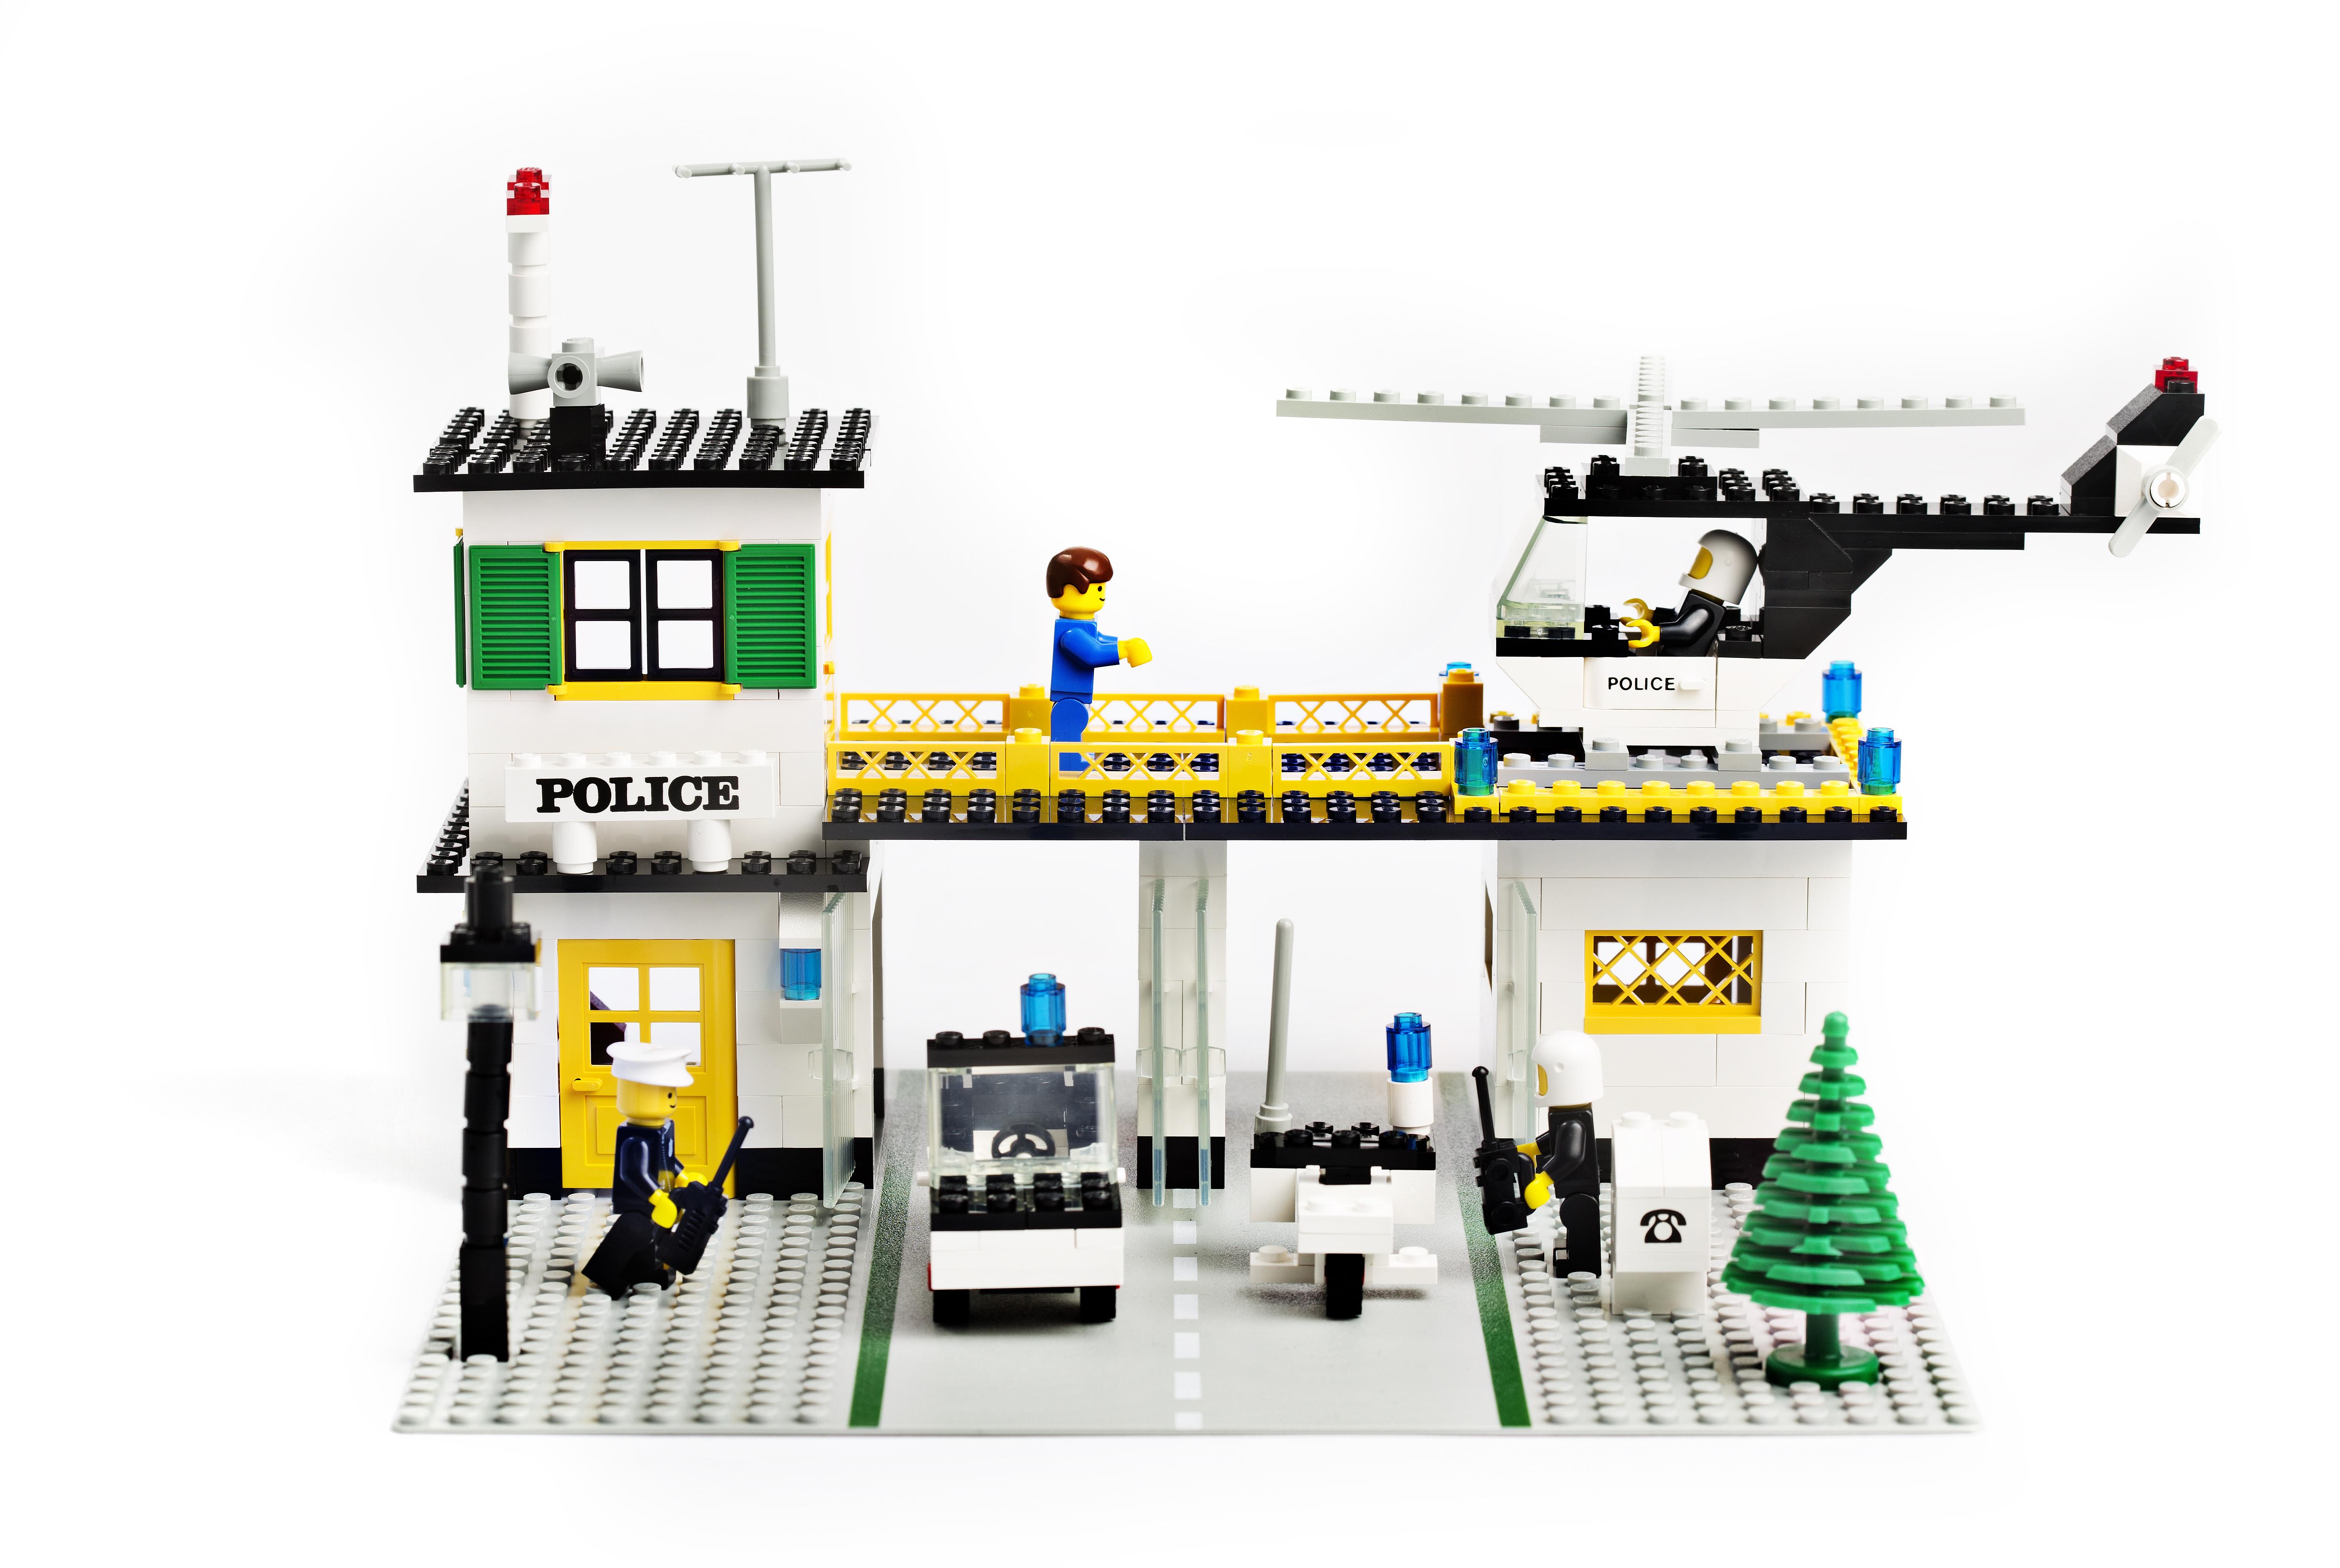 Klocki Lego Mają 60 Lat Zobaczcie Jak Wyglądały Pierwsze Zestawy